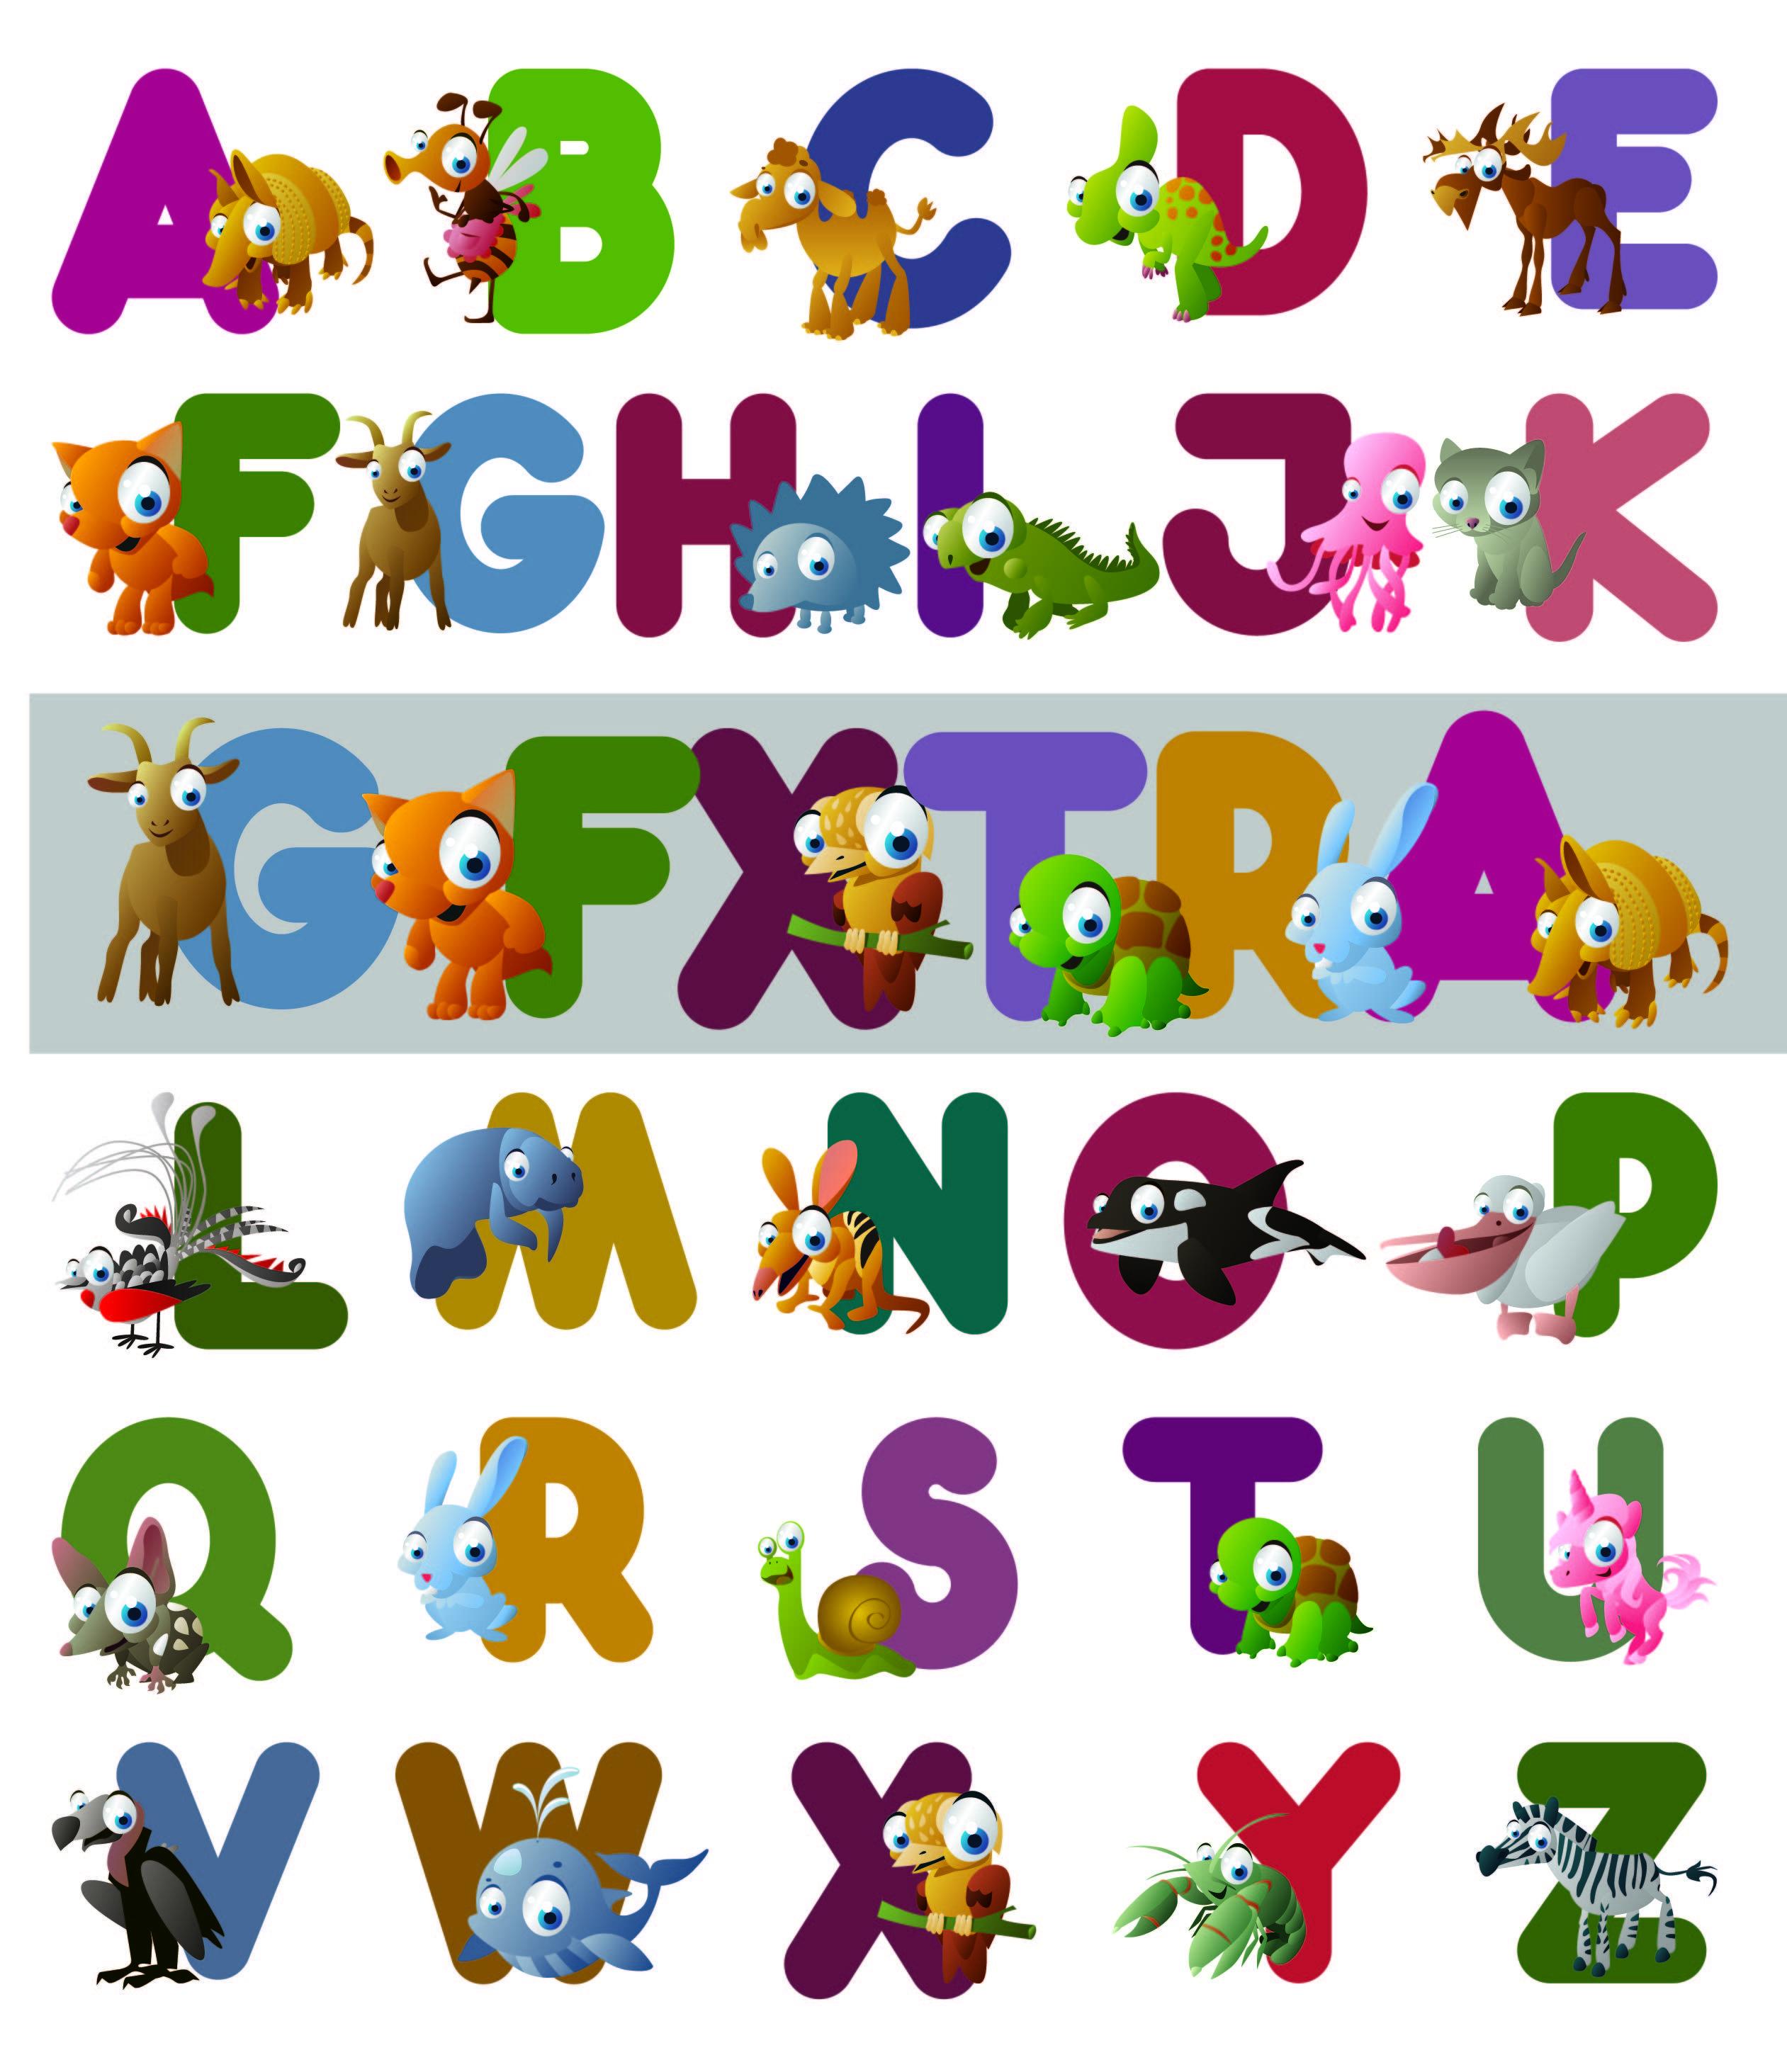 Смешной рисунок, картинки смешной алфавит